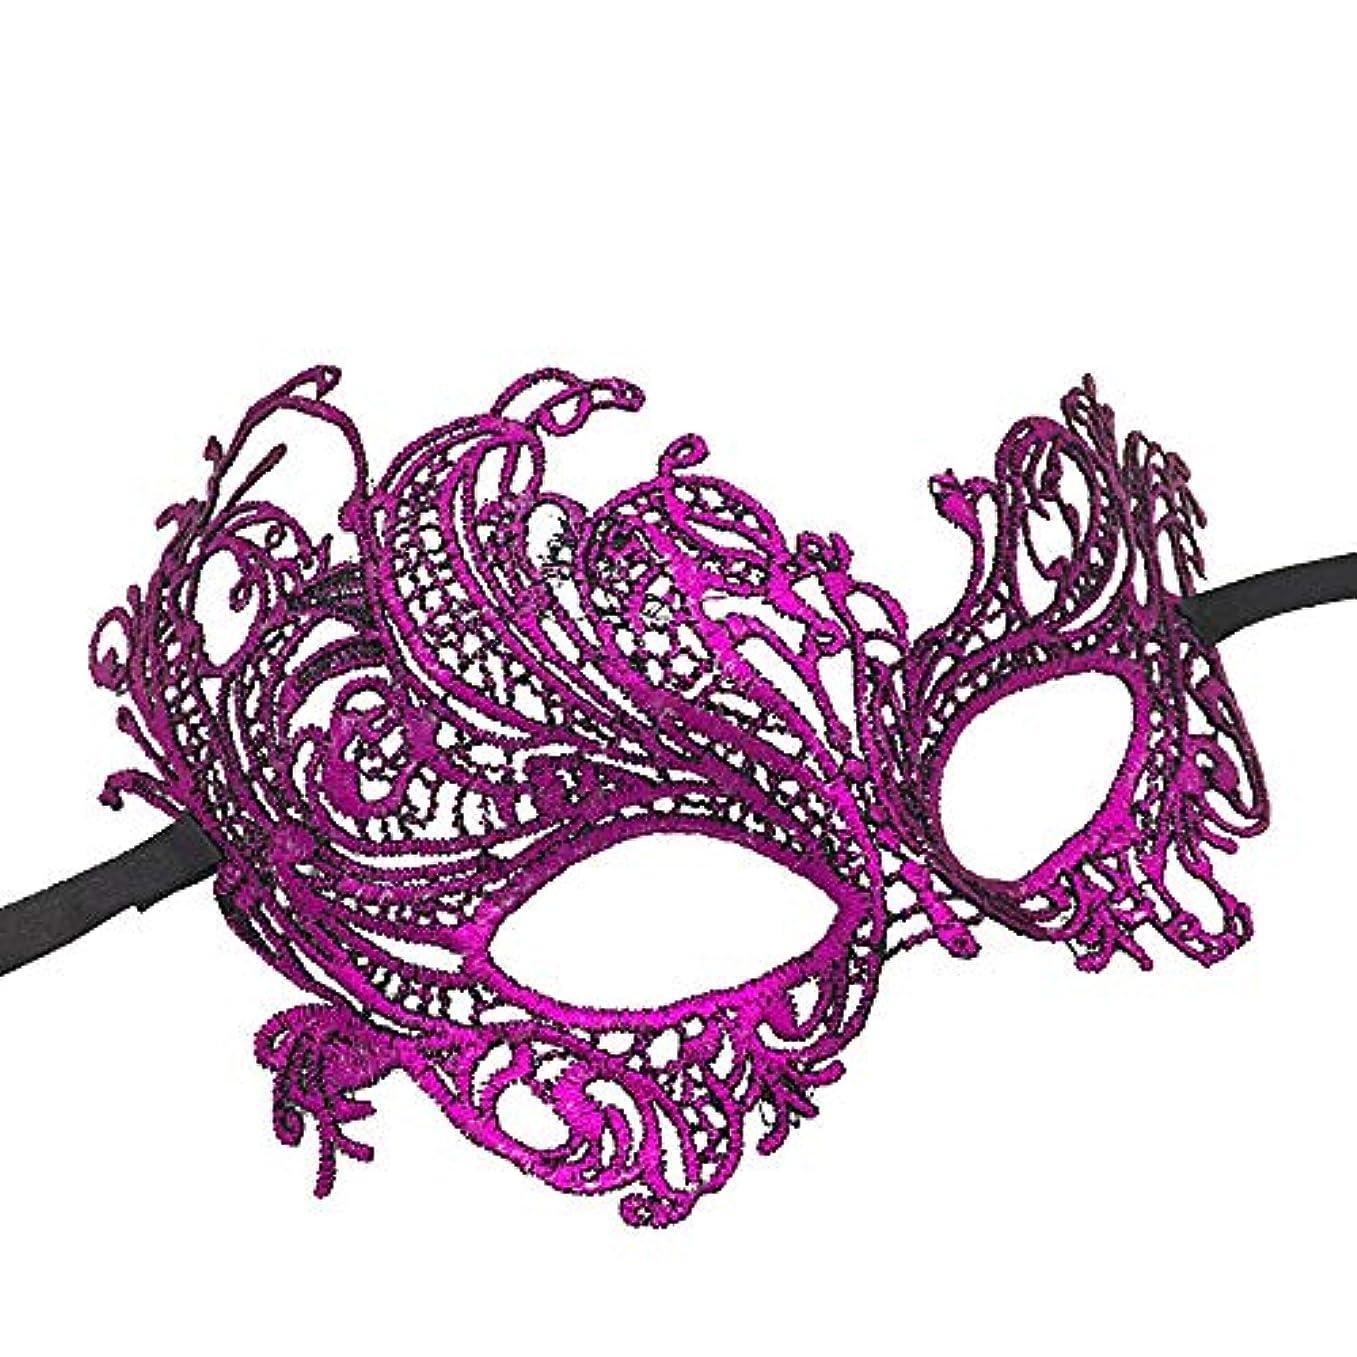 衝突する虫新しい意味Auntwhale ハロウィンマスク大人恐怖コスチューム、パーティーファンシー仮装ハロウィンマスク、フェスティバル通気性ギフトヘッドマスク - パープル